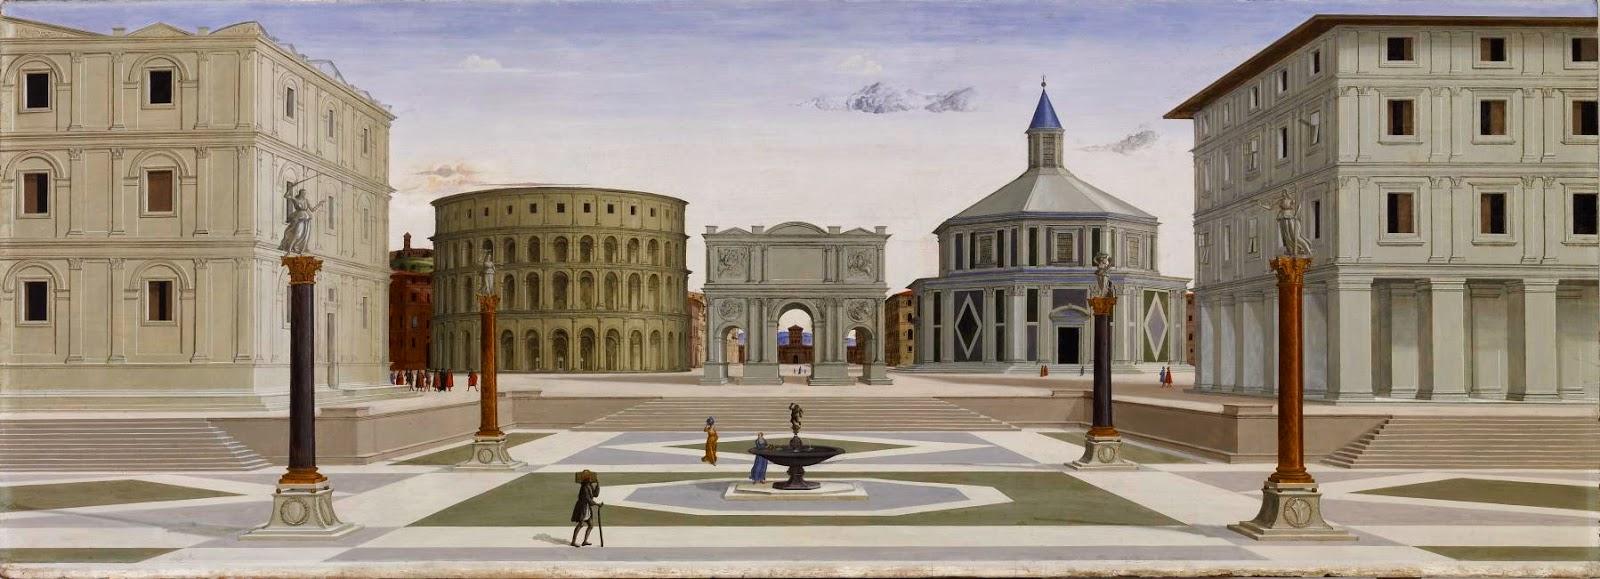 Algargos arte e historia la ciudad ideal renacentista for Aldo rossi architettura della citta